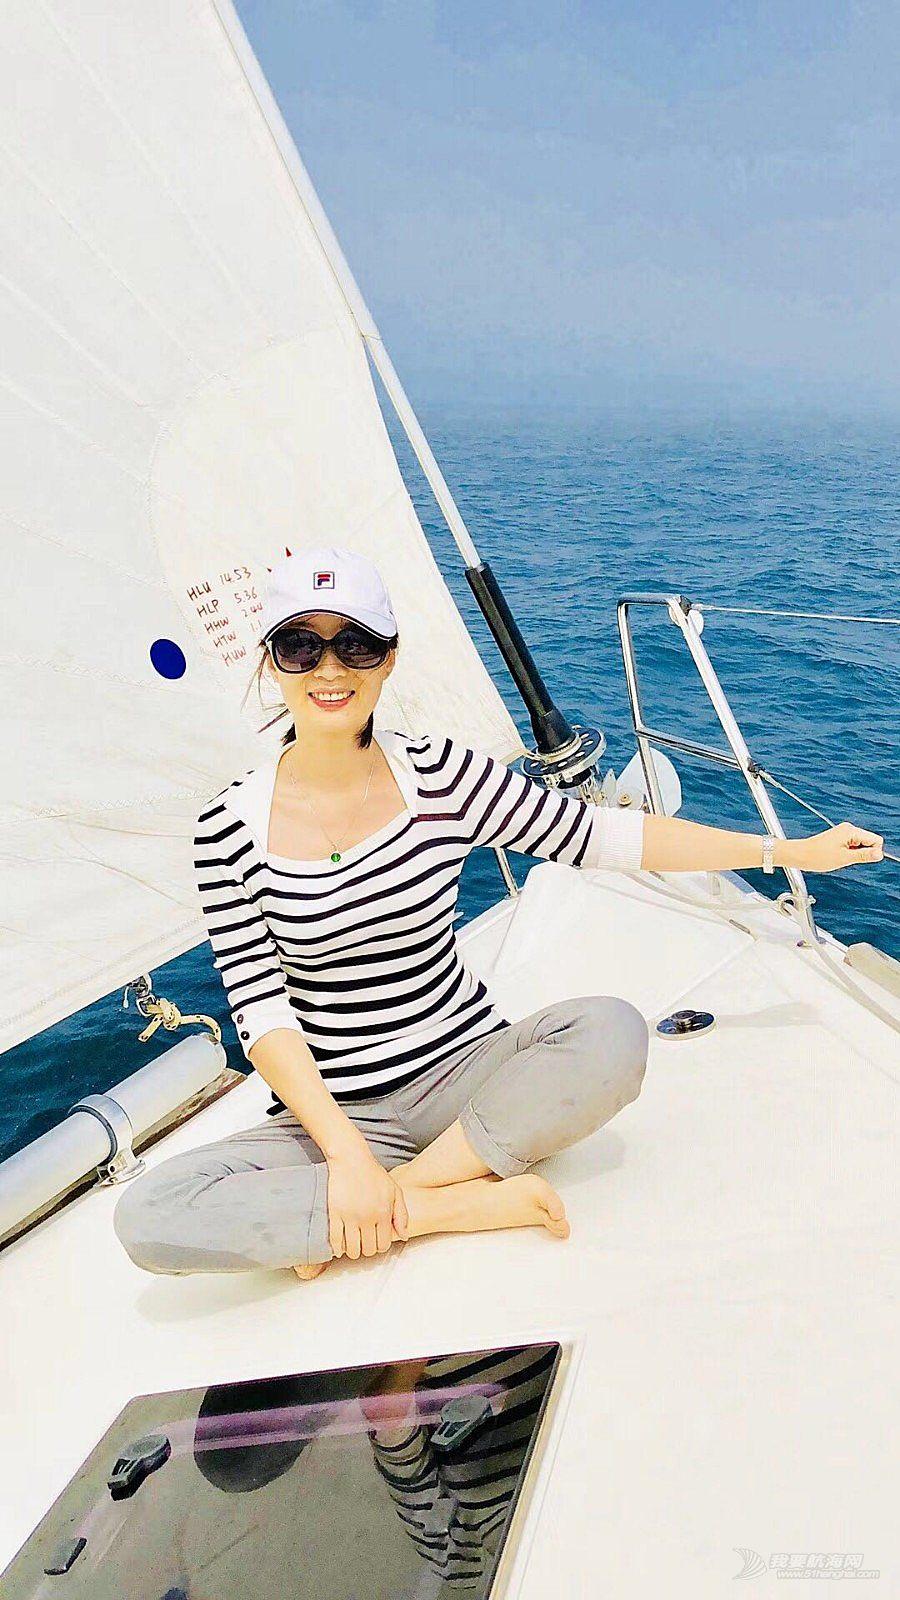 我们为什么参与帆船运动理由之七:丑女变凤凰庸男也疯